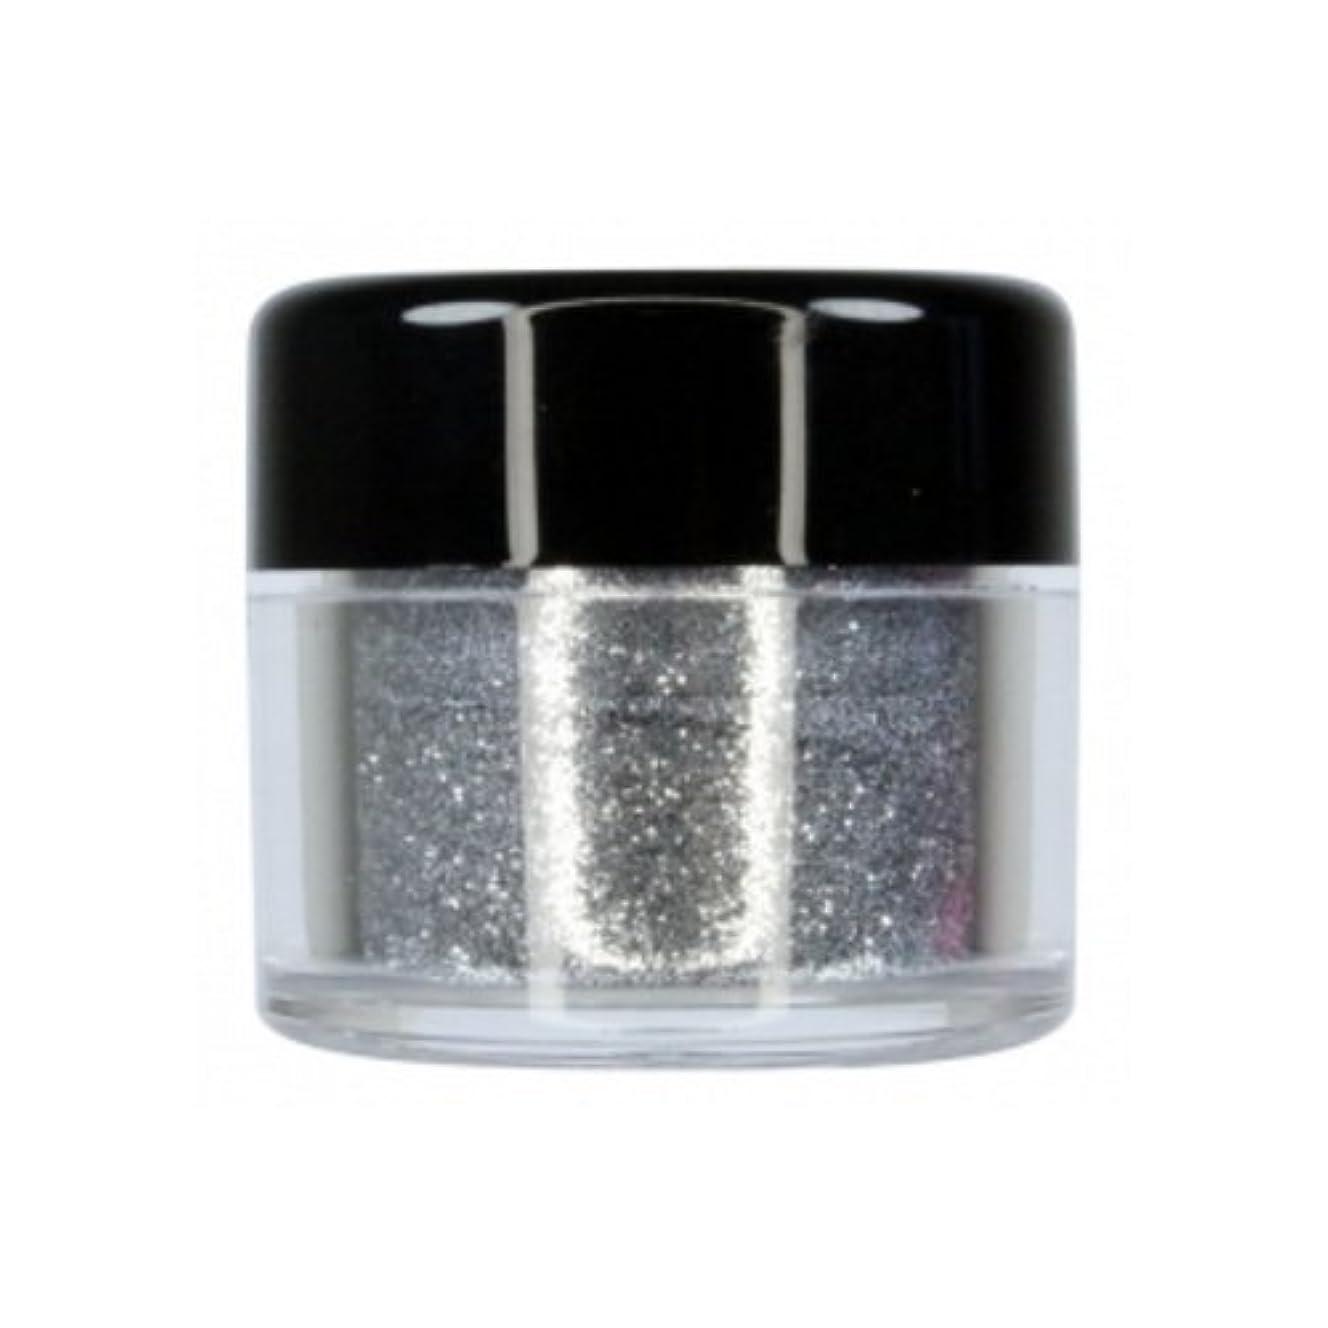 恐怖意味思い出す(3 Pack) CITY COLOR Sparkle & Shine Loose Glitter - Confetti (並行輸入品)